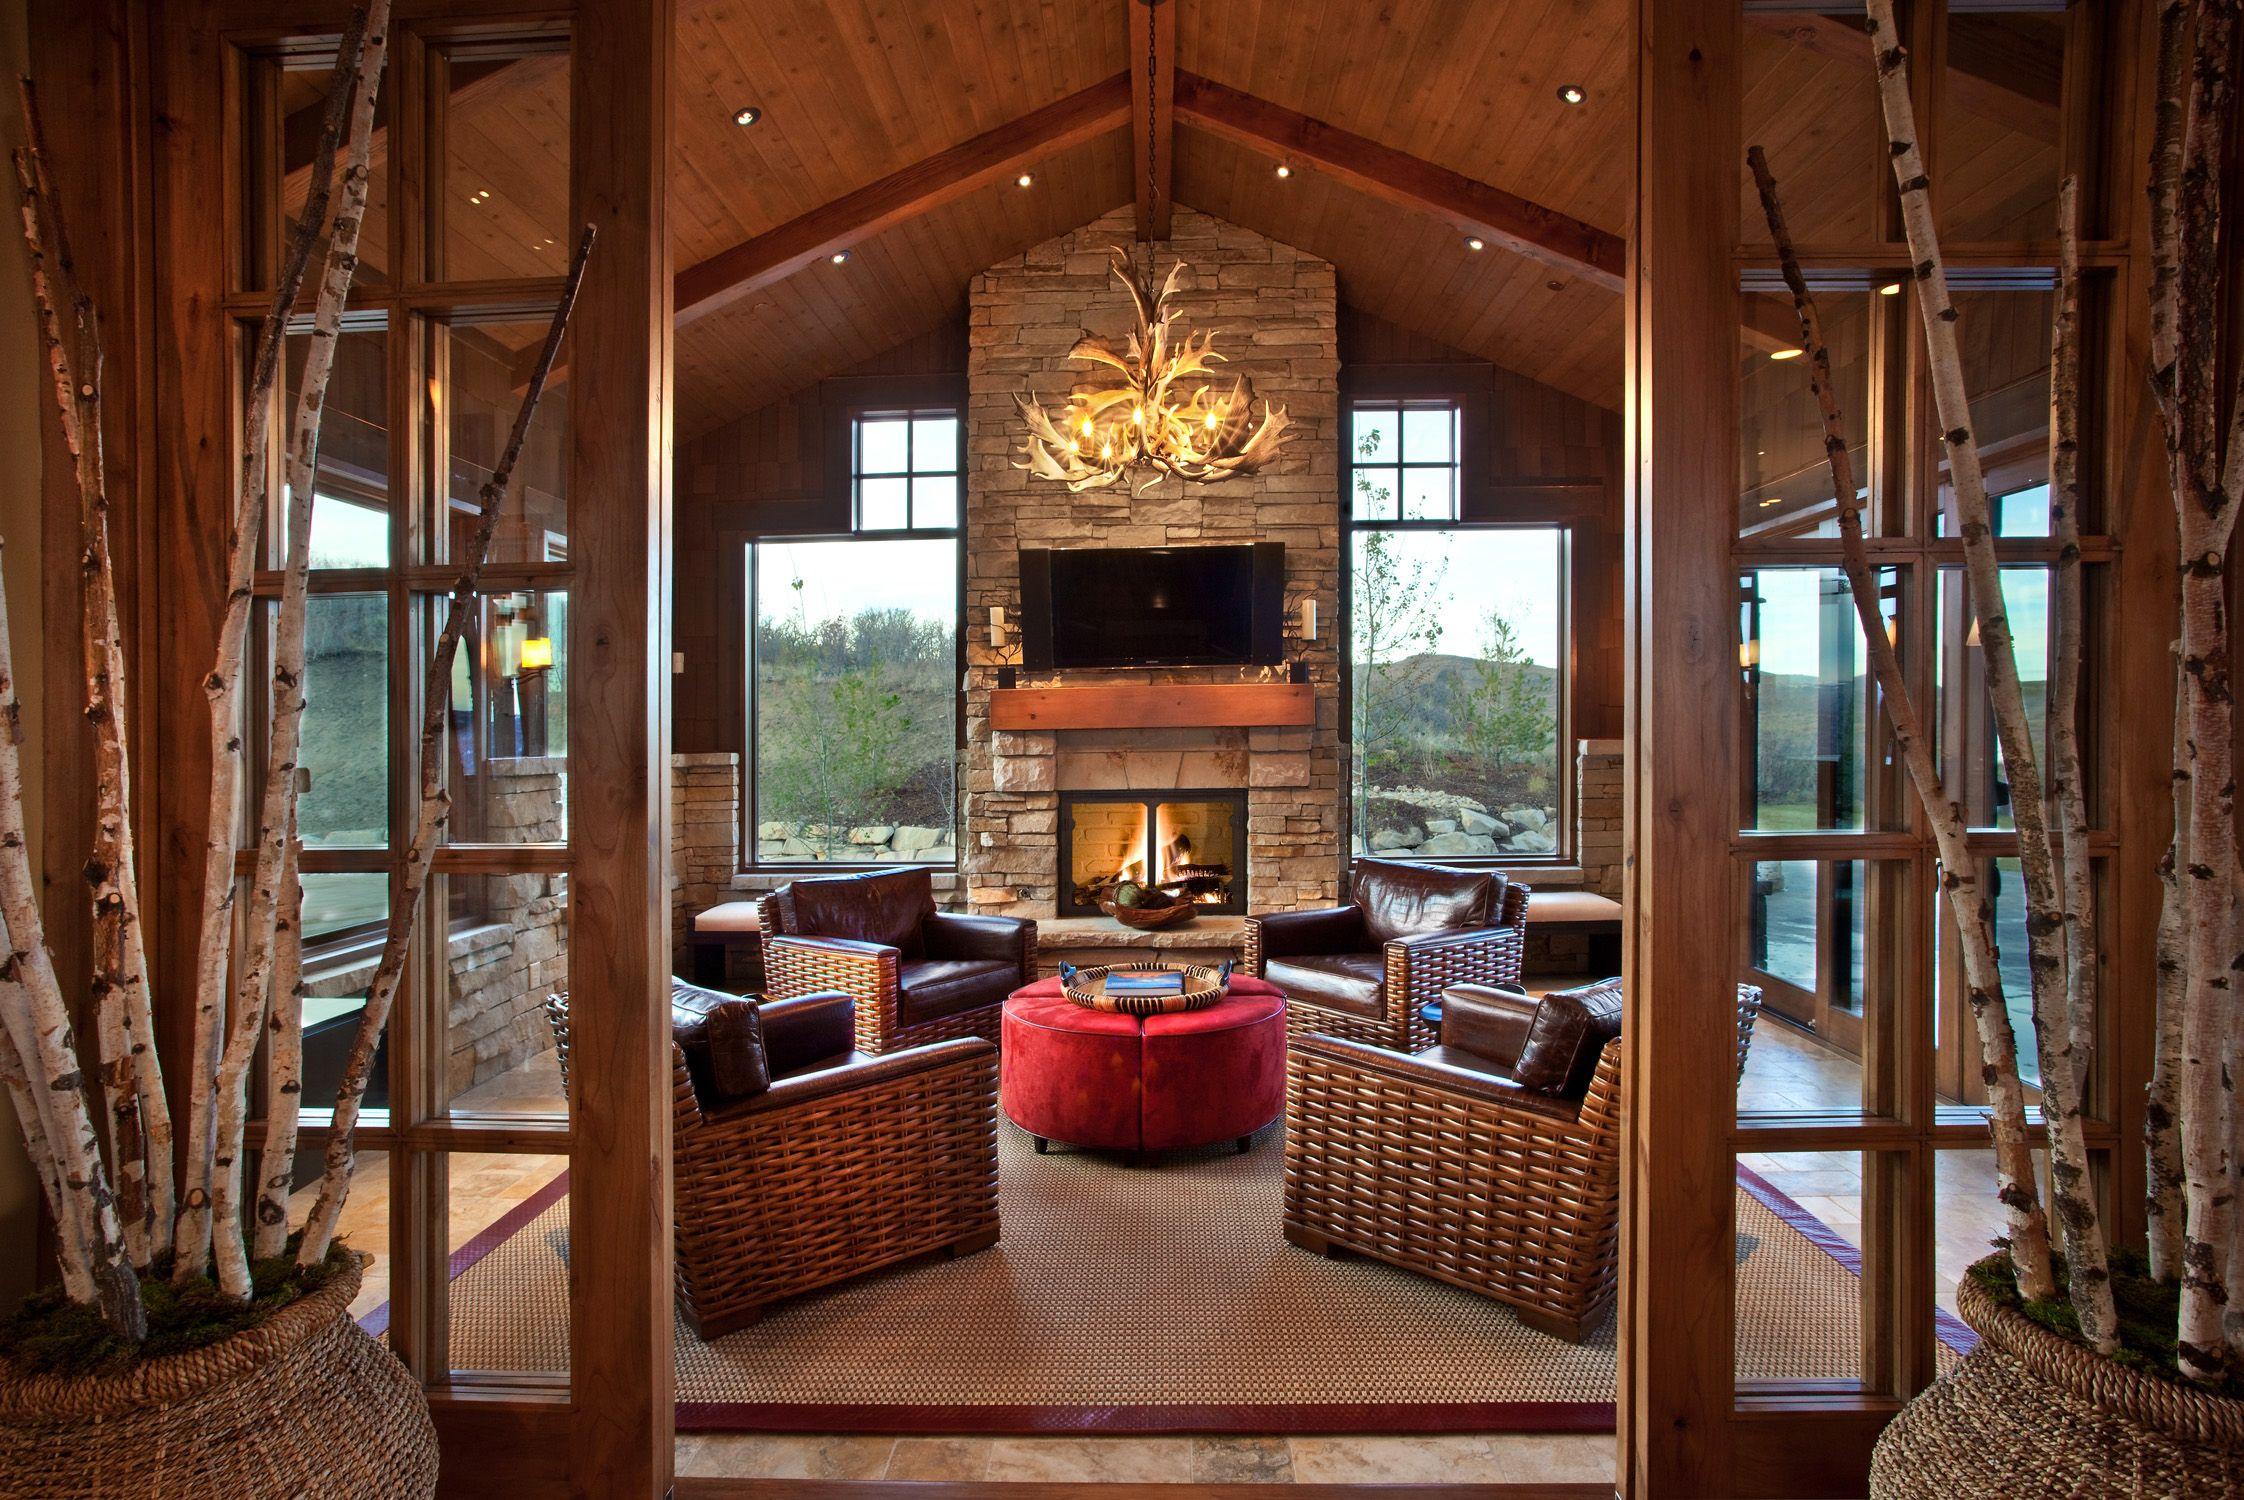 Indoor Outdoor Hearth Room Hearth Room Interior Design Rustic